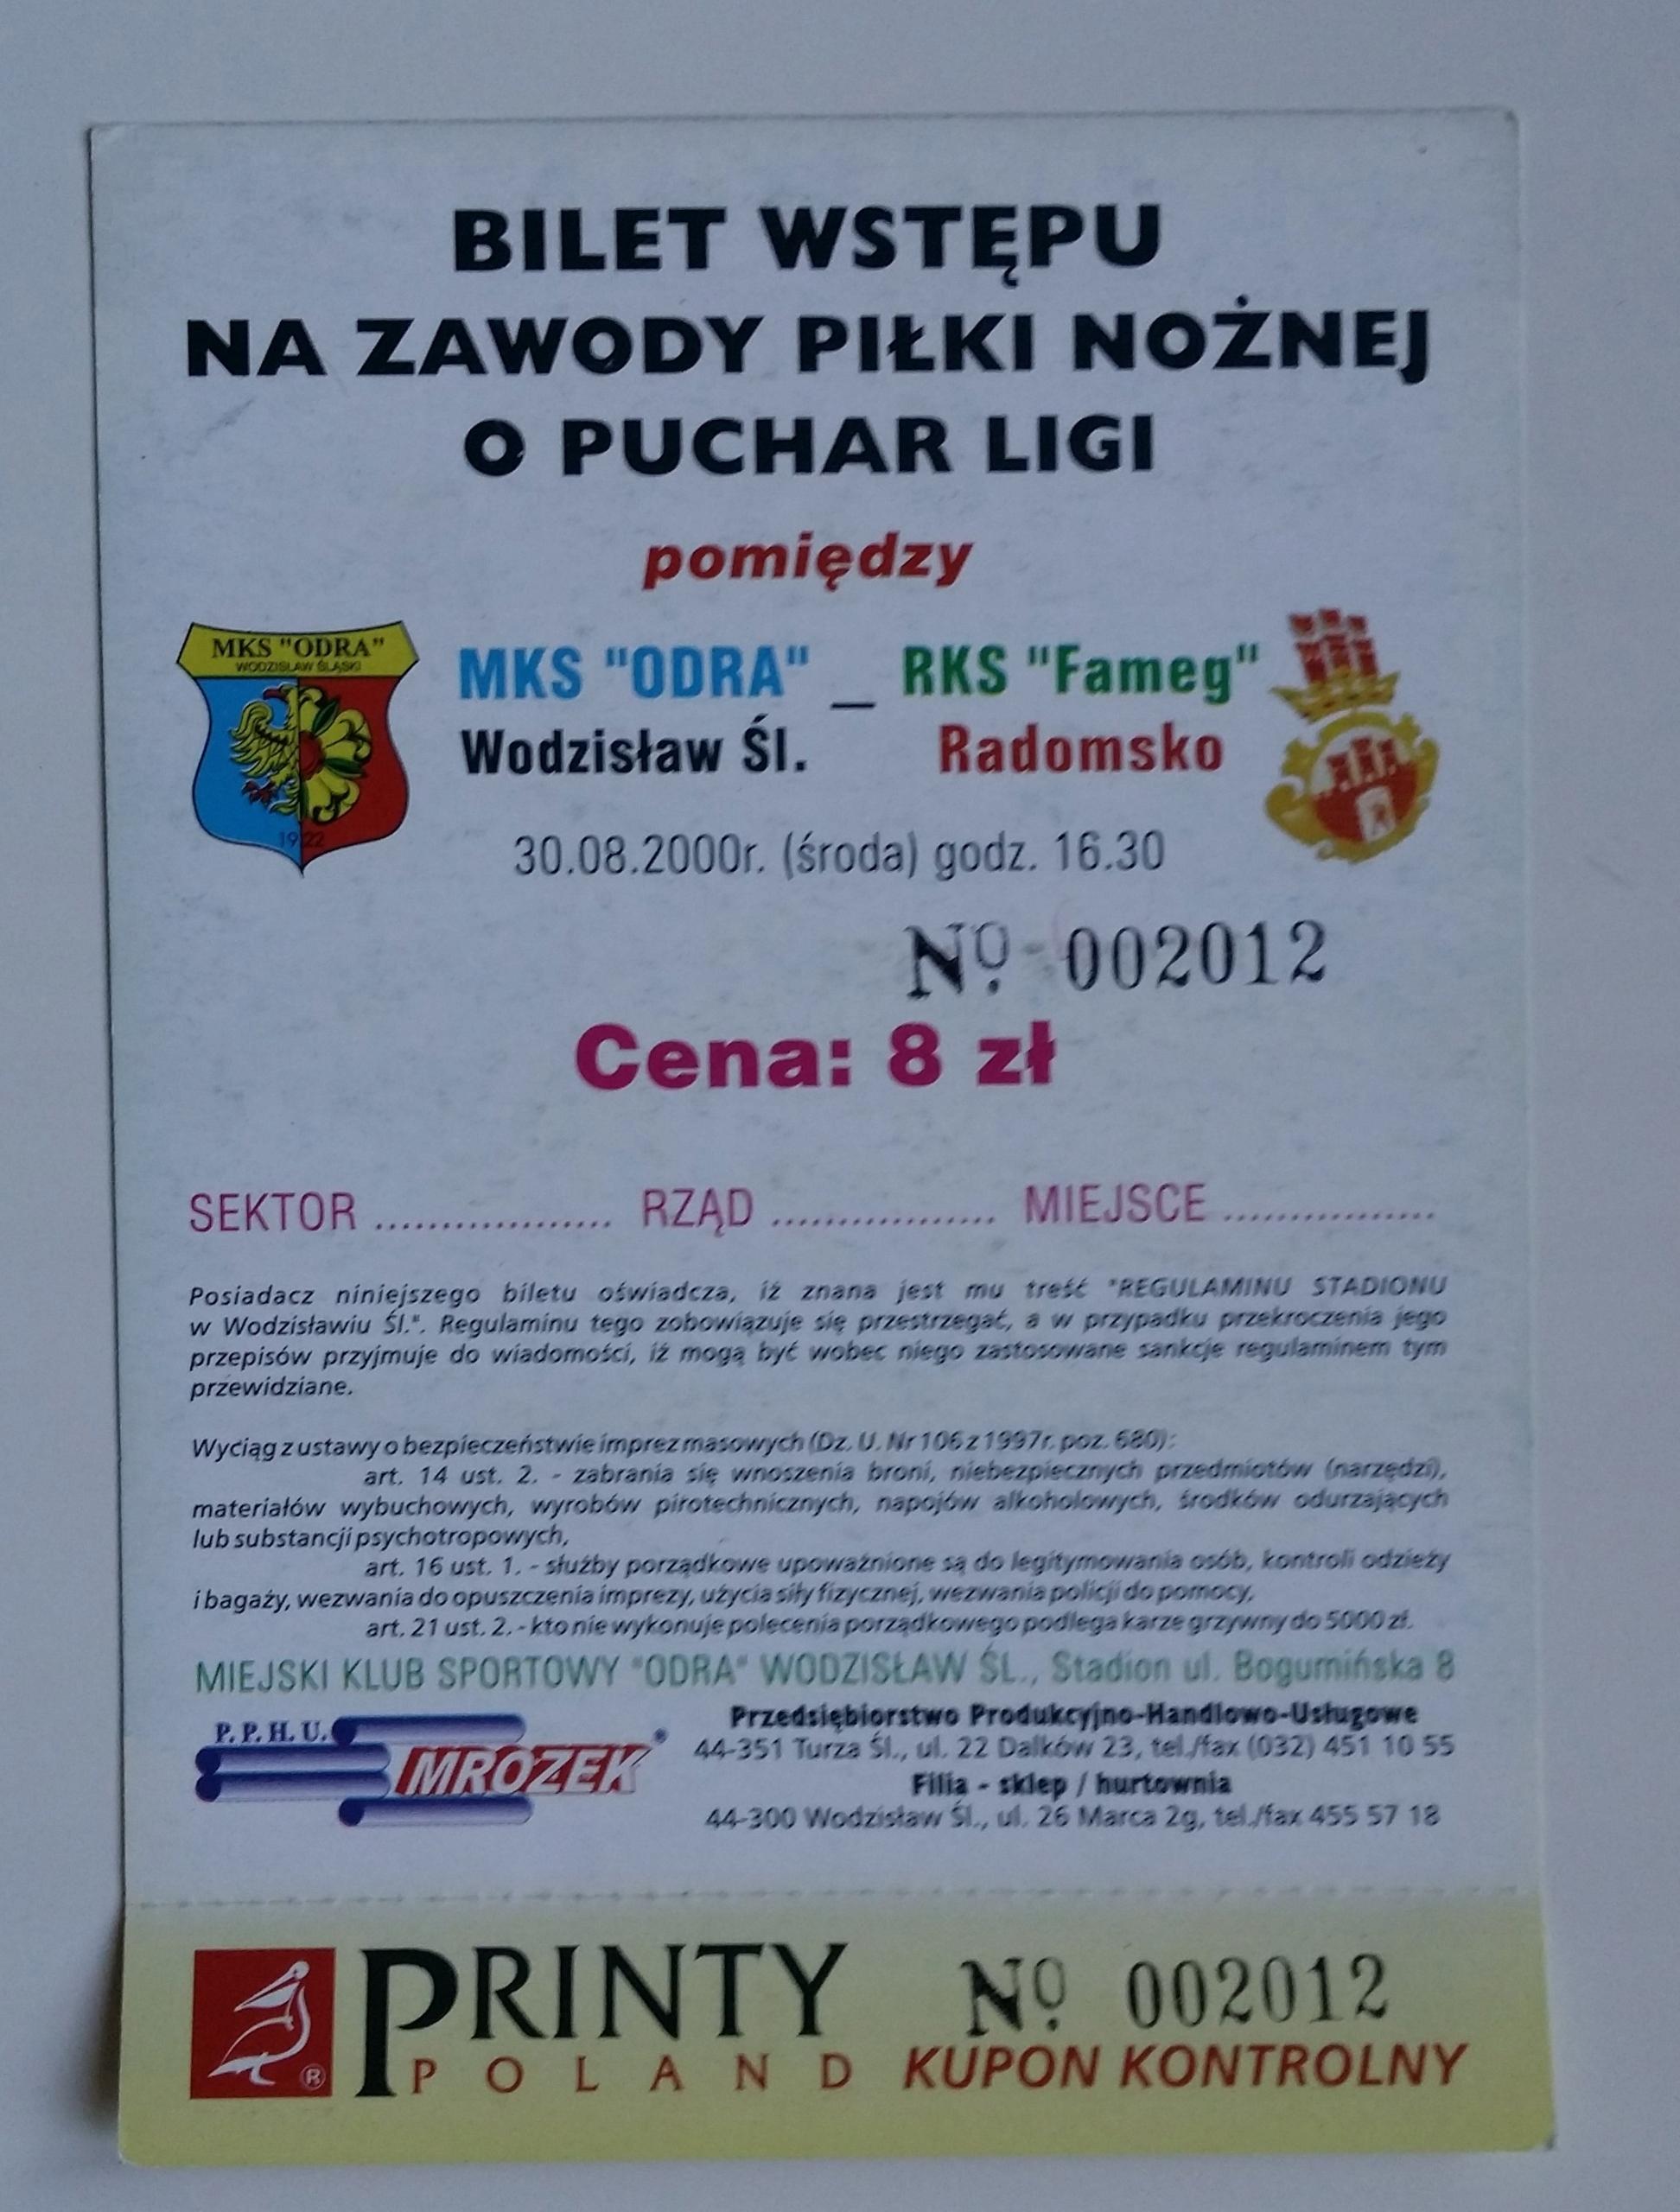 Bilet Odra Wodzisław - Fameg Radomsko 30.08.2000